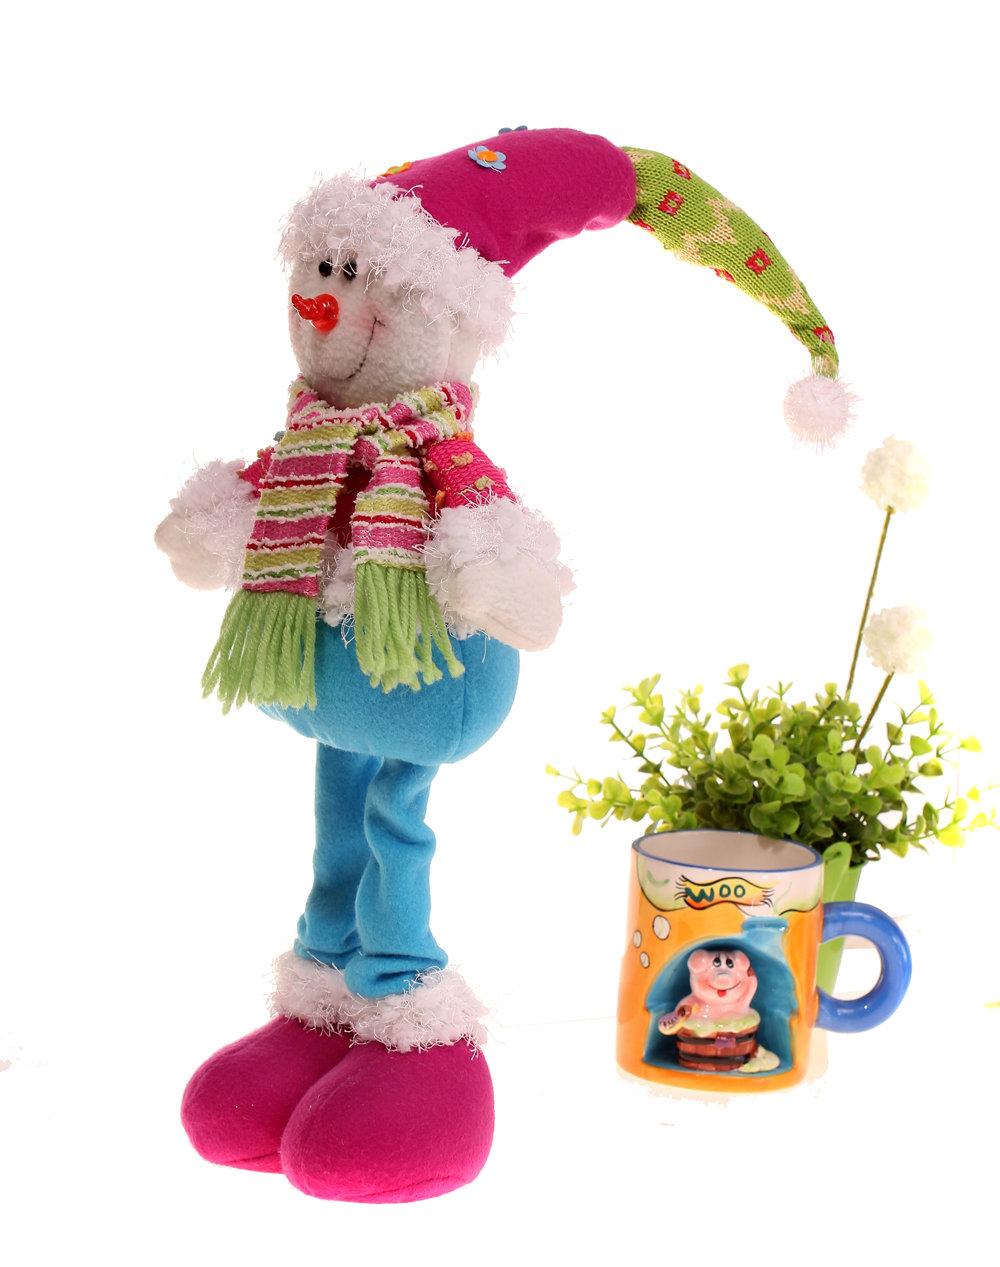 特别的礼物送给特别的你在特别的日子里,48cm可爱的站姿造型,无论你